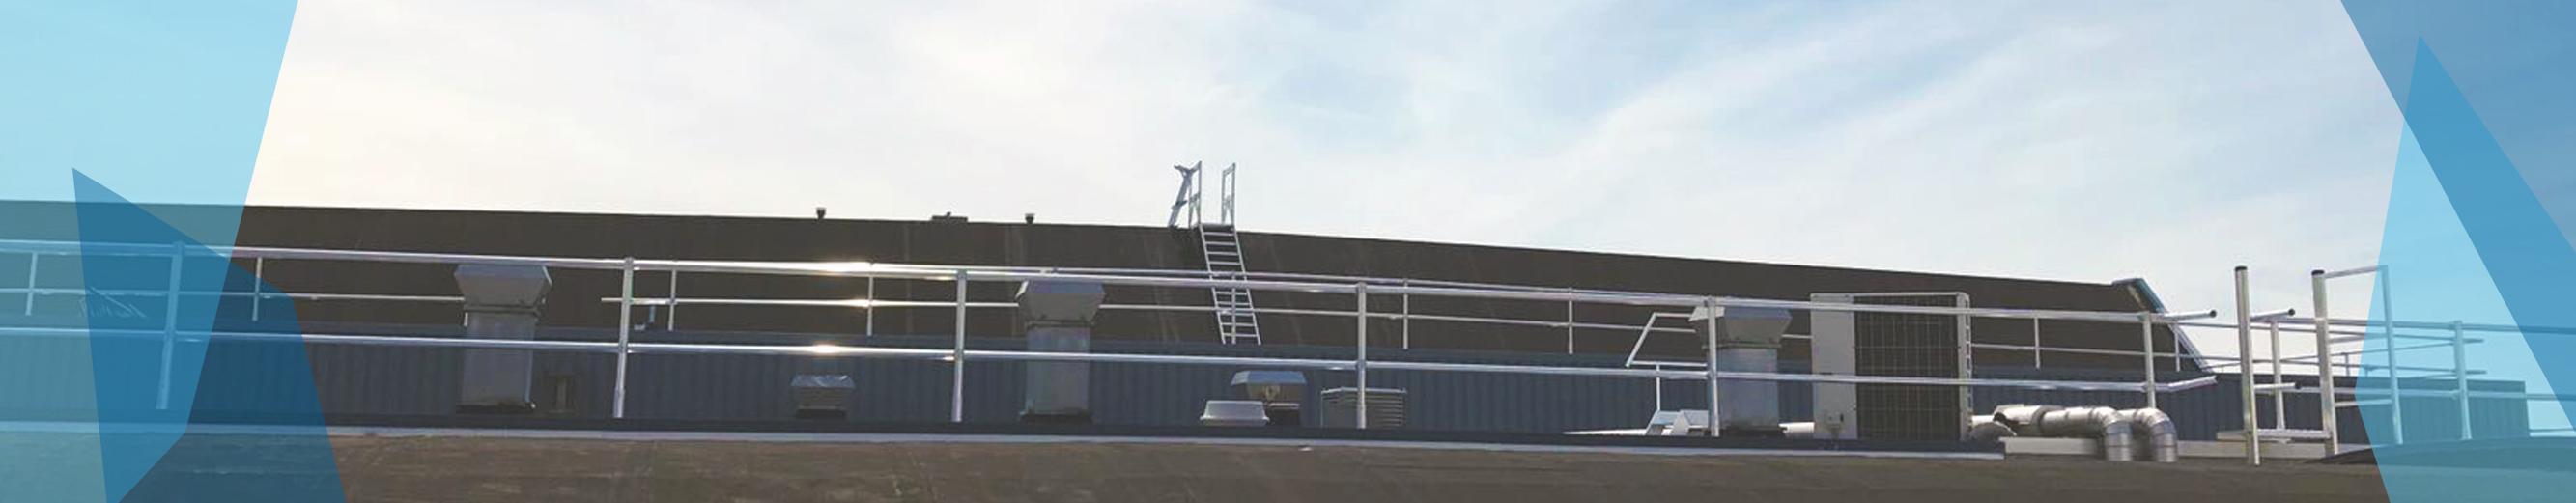 Vlindar-veilig-werken-op-hoogte-dakveiligheid-advies